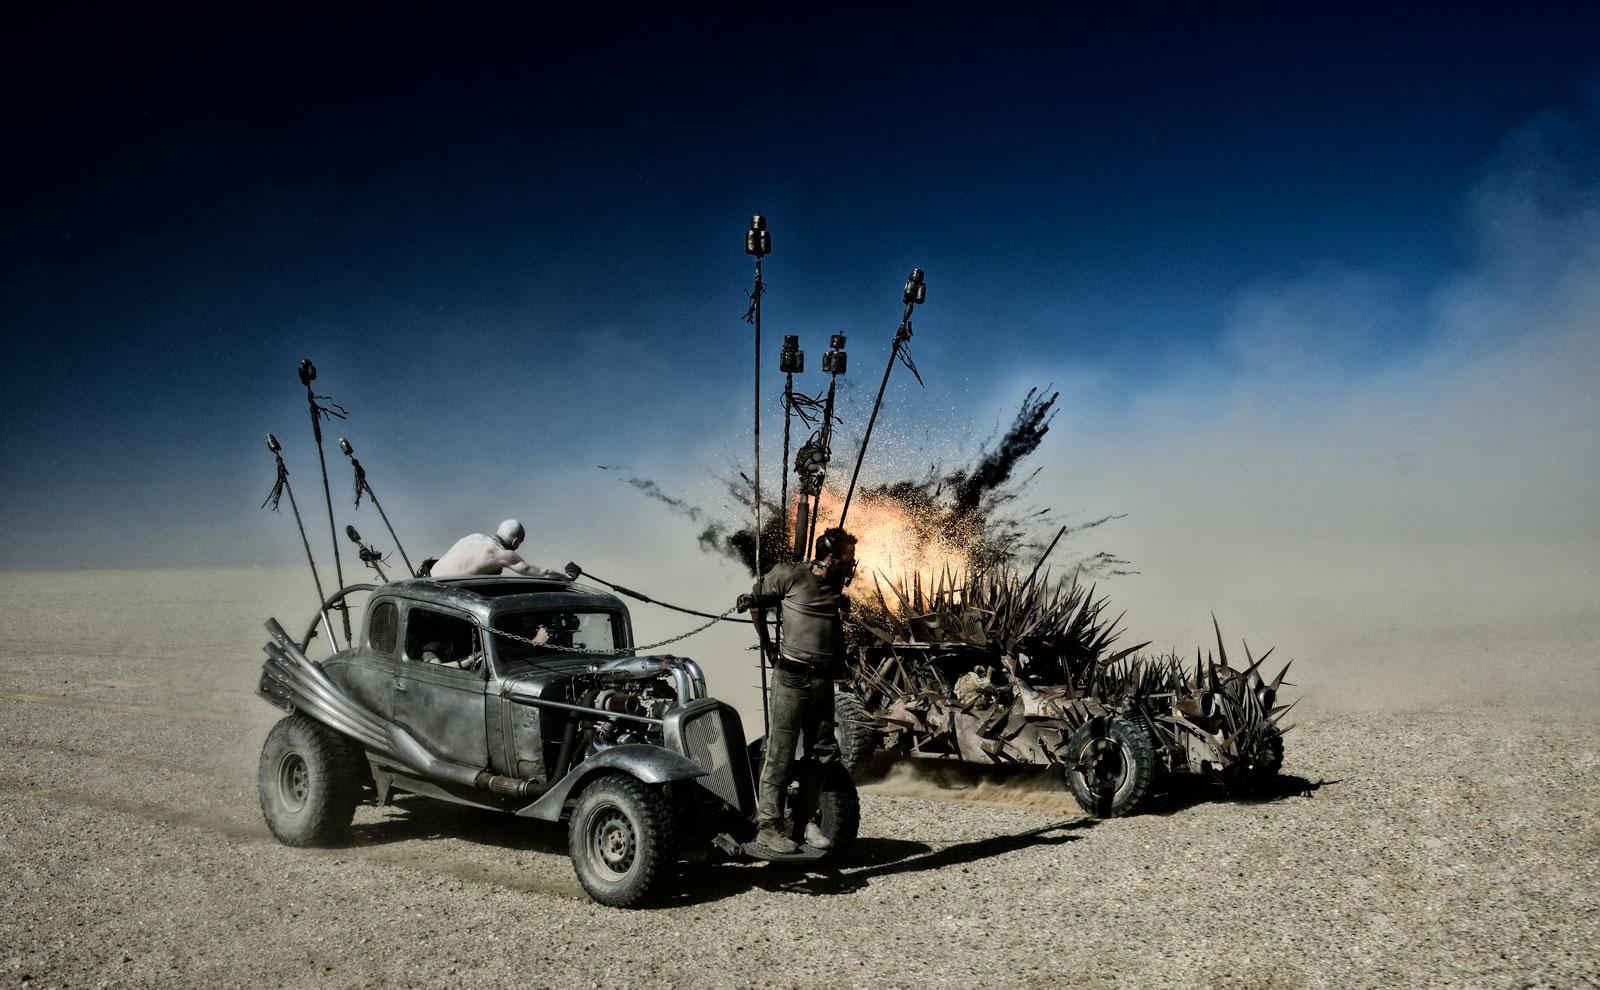 Mad Max: Fury Road, una scena tratta dal film d'avventura fantascientifico